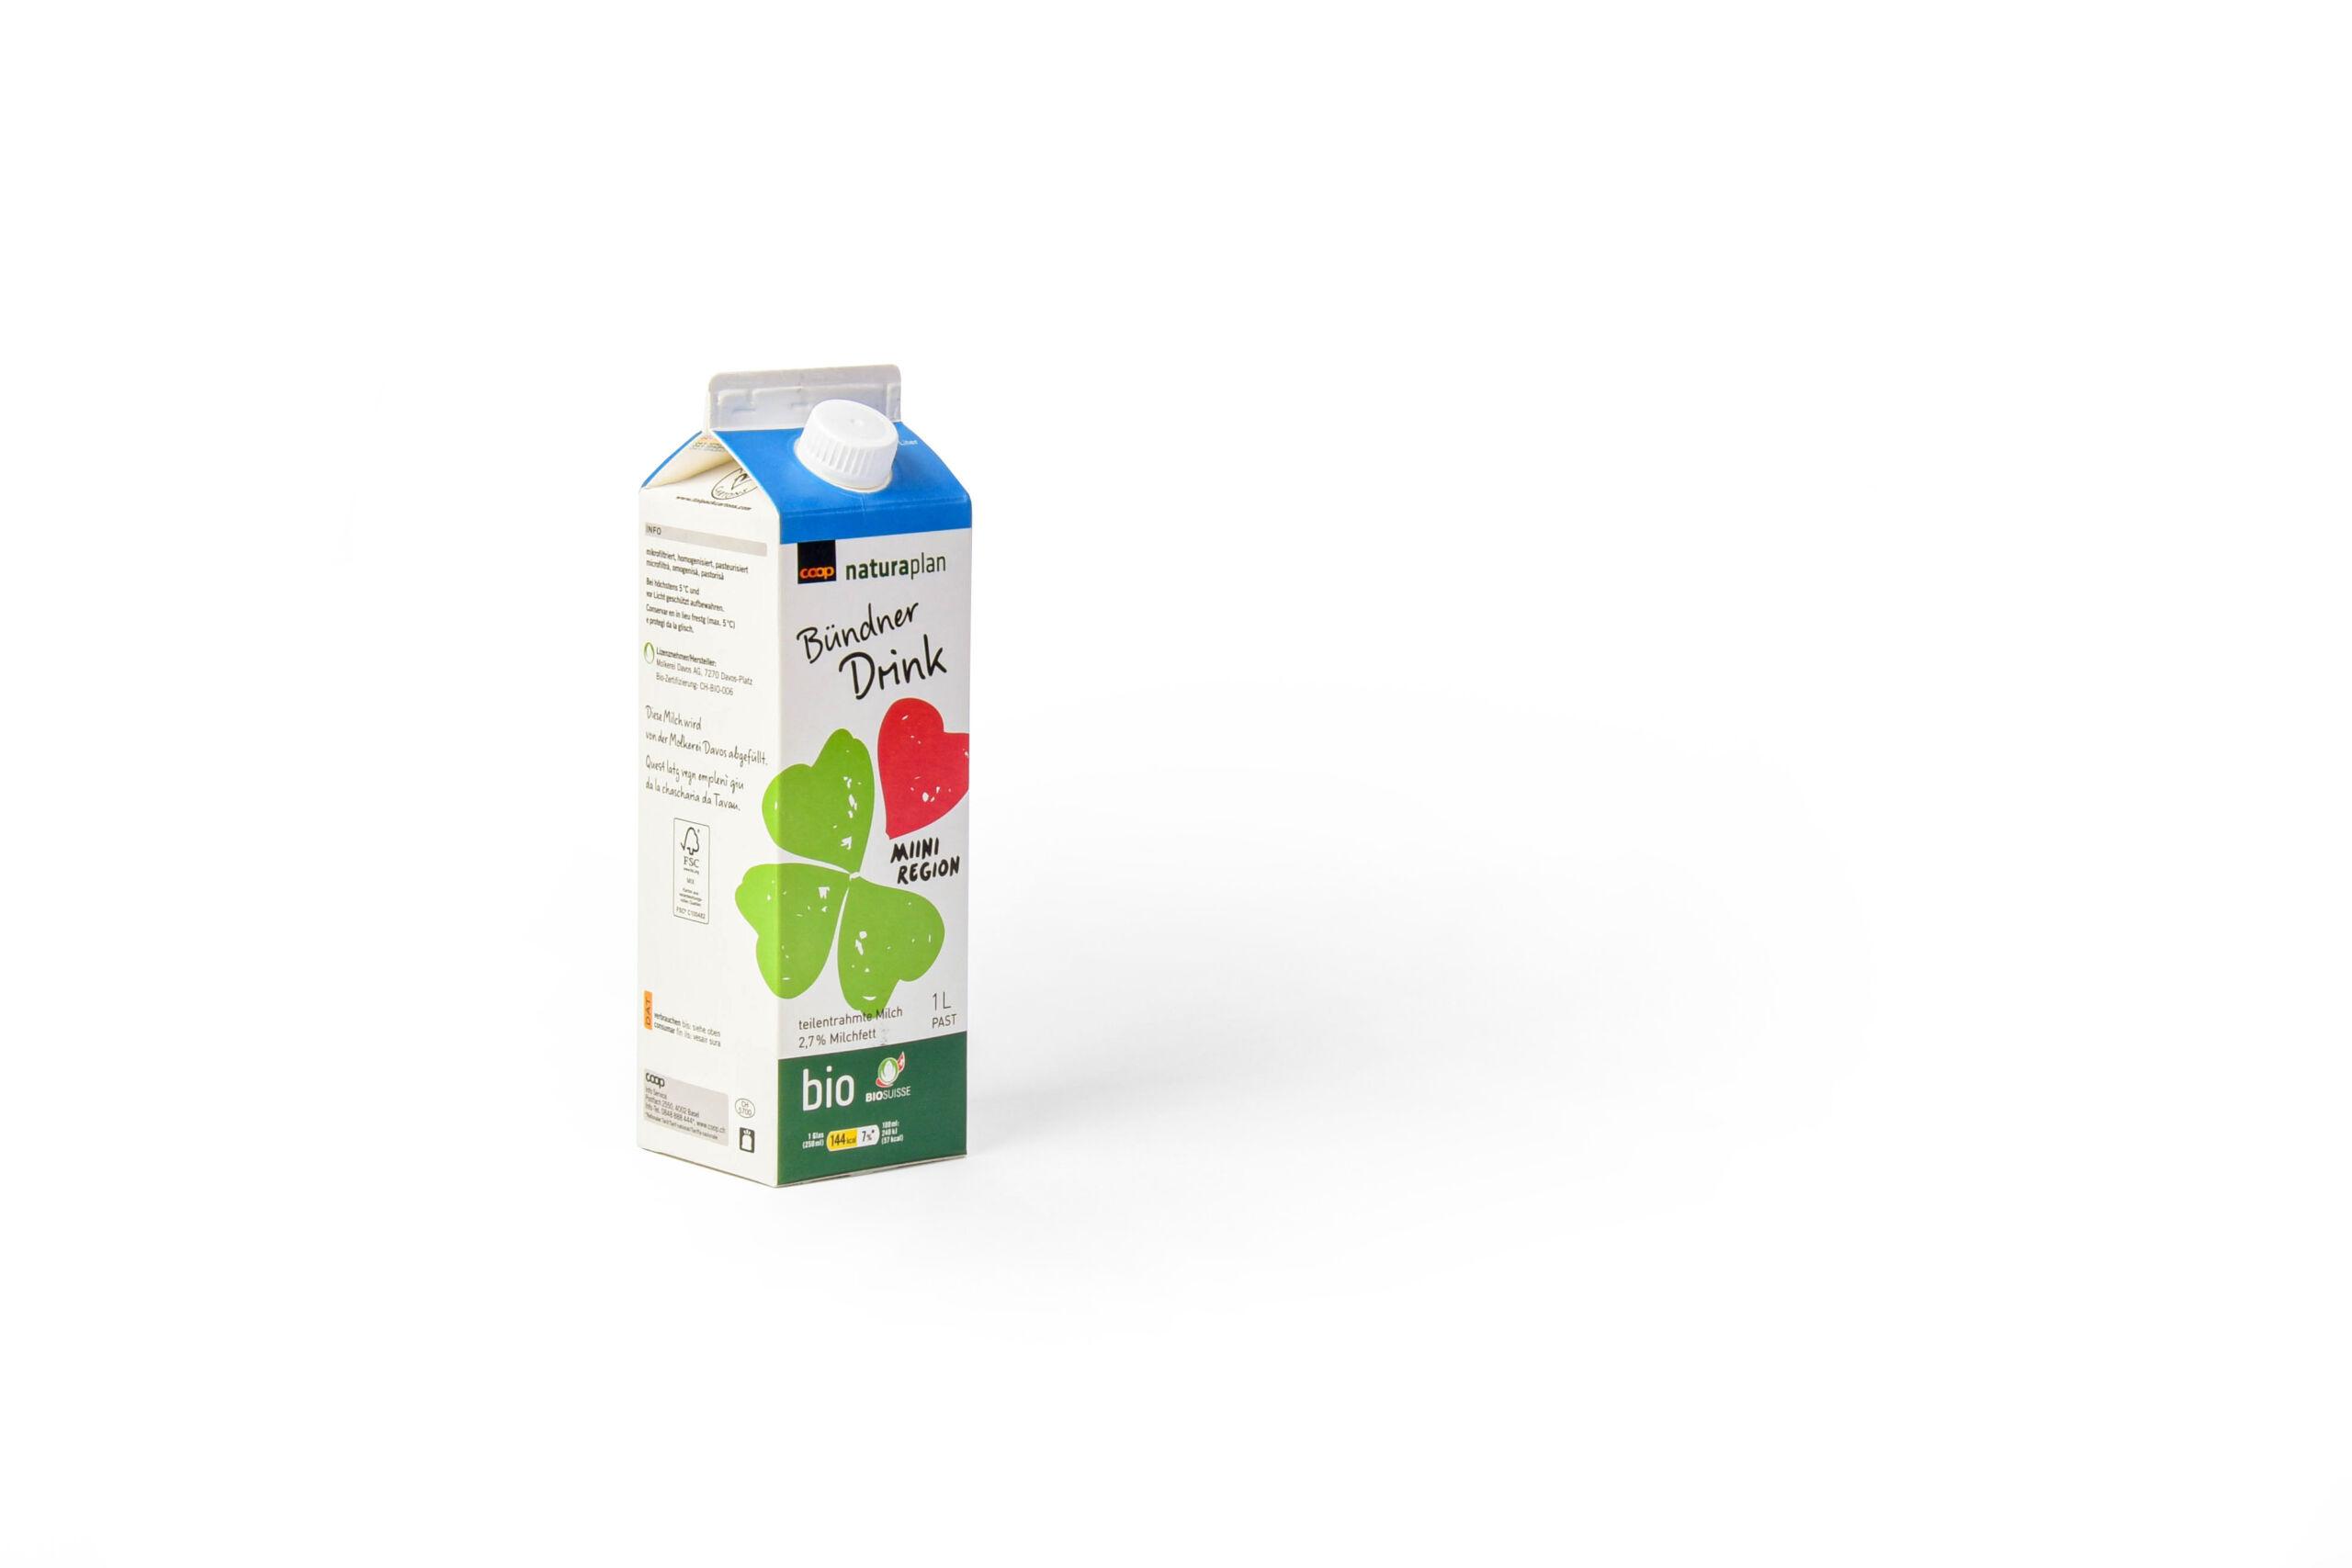 DSC_2274 Bündner Bio Drink Milch Kopie